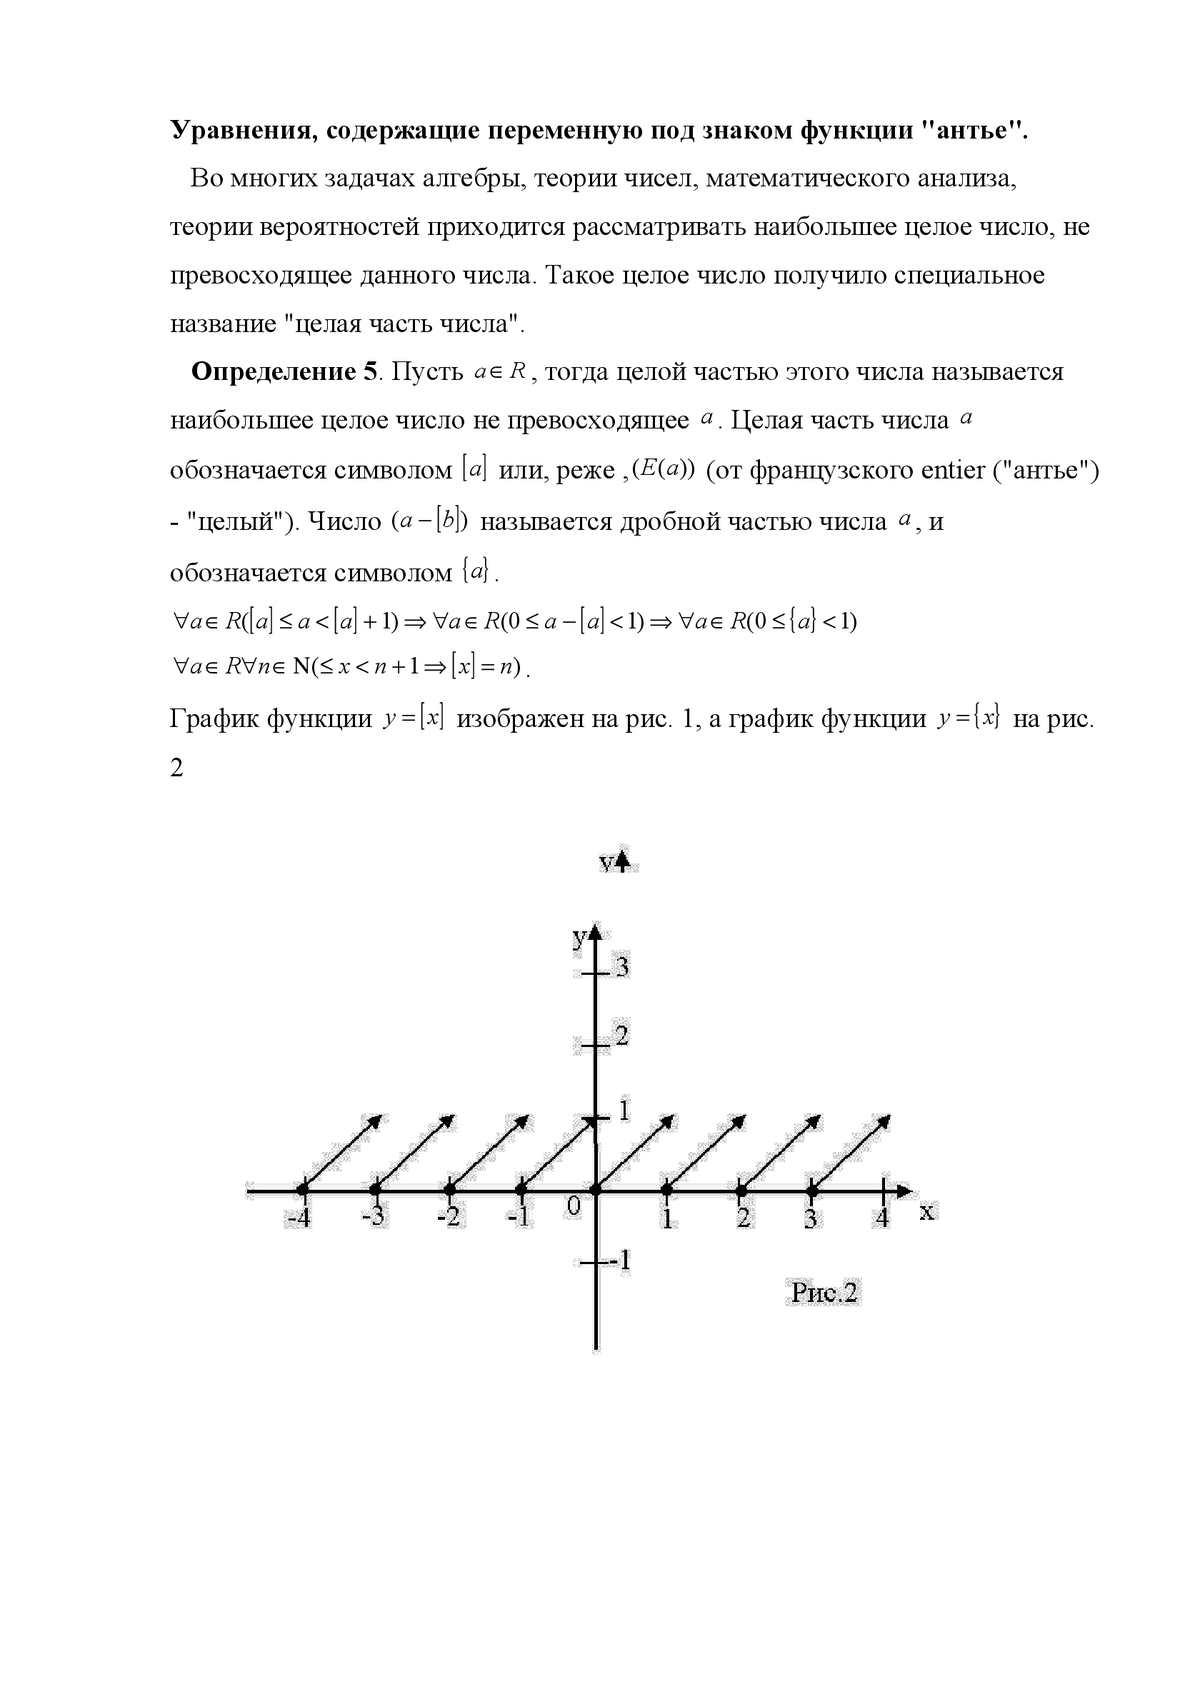 Уравнения содержащие переменную под знаком антье